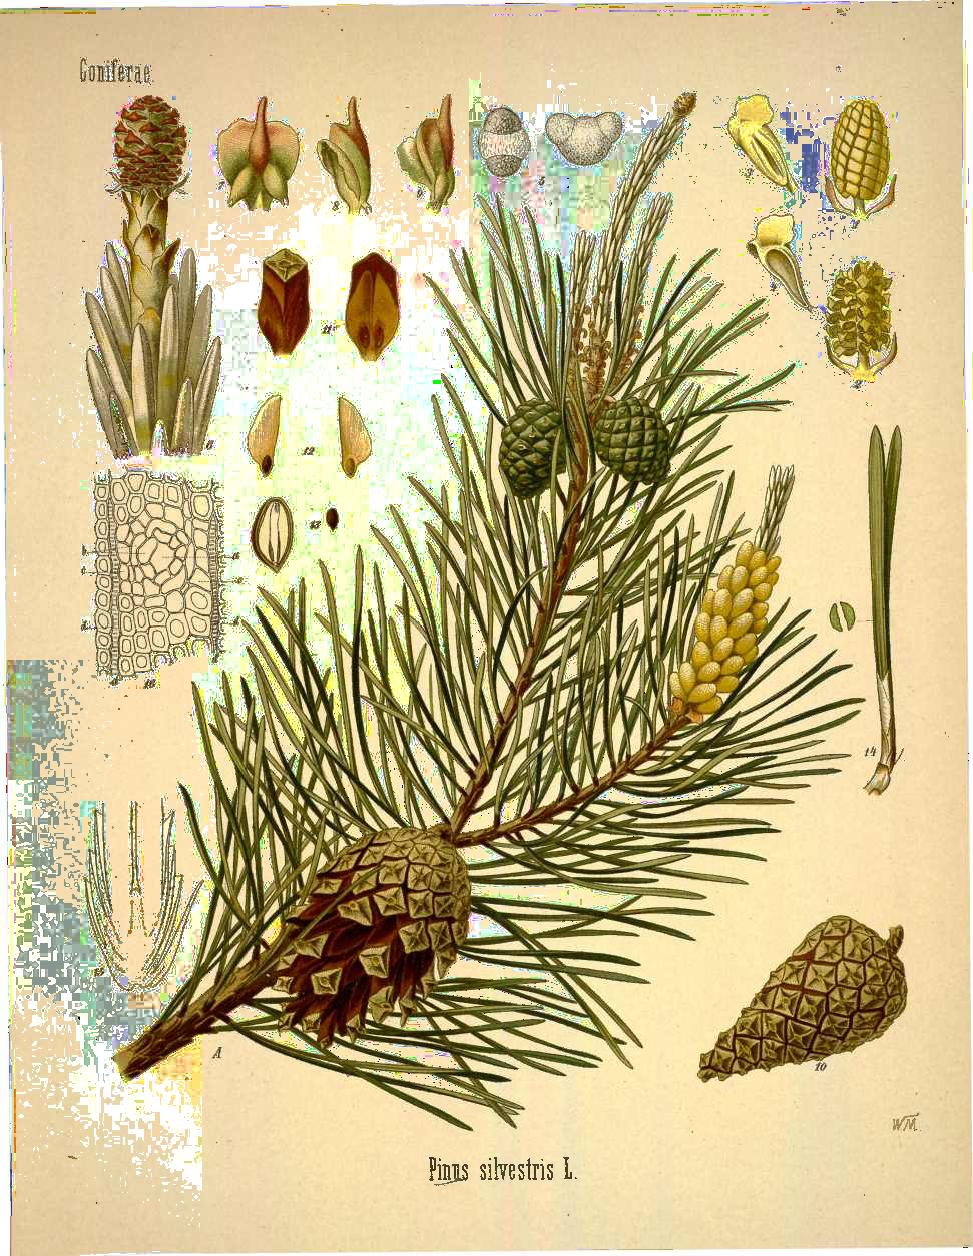 Pin On Botanical Plates